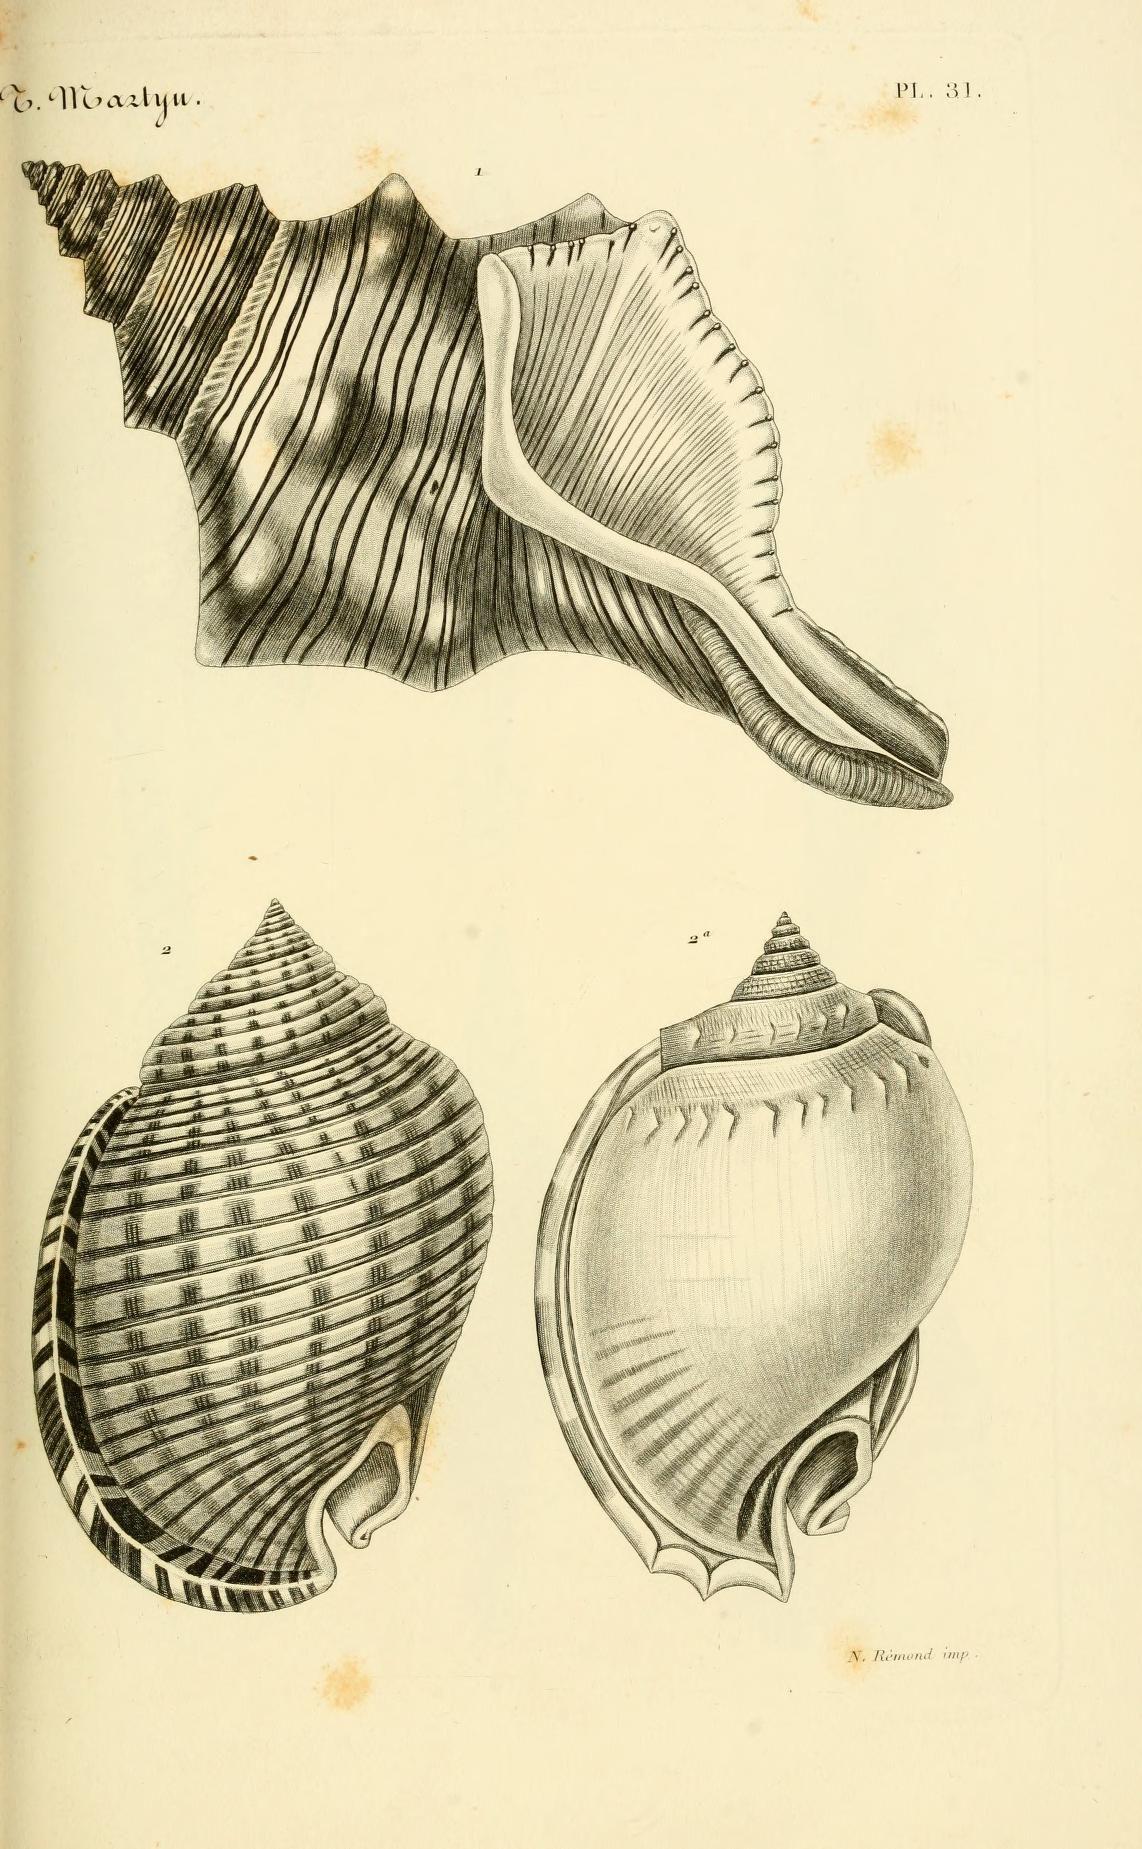 Le Conchyliologiste Universel Ou Figures Des Coquilles Jusqu A Present Inconnues Recueillies En Tatouages De La Vie Marine Coquillage Dessin Art Coquillage